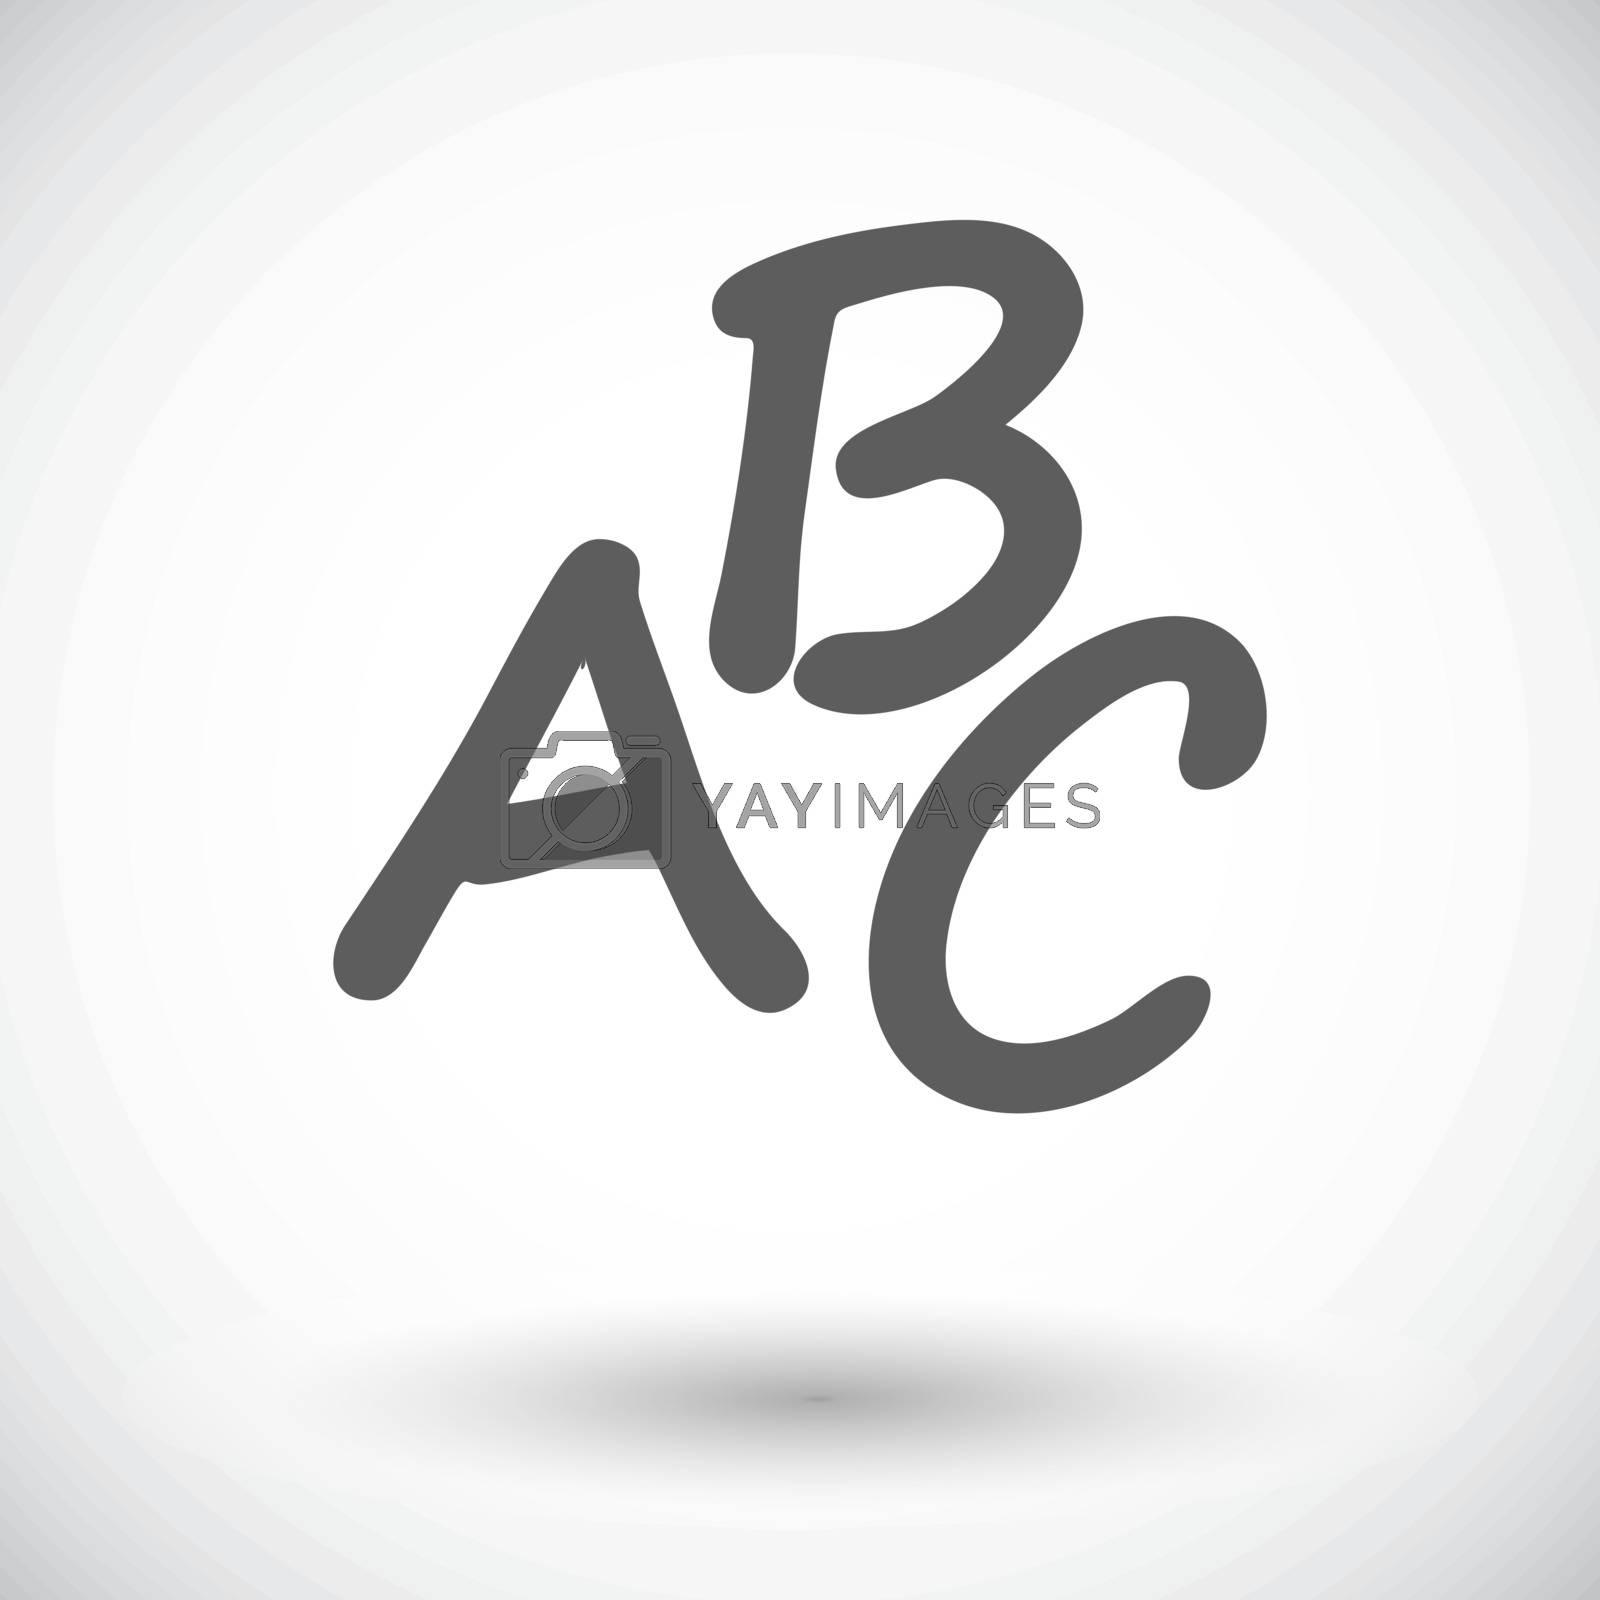 Alphabet. Single flat icon on white background. Vector illustration.